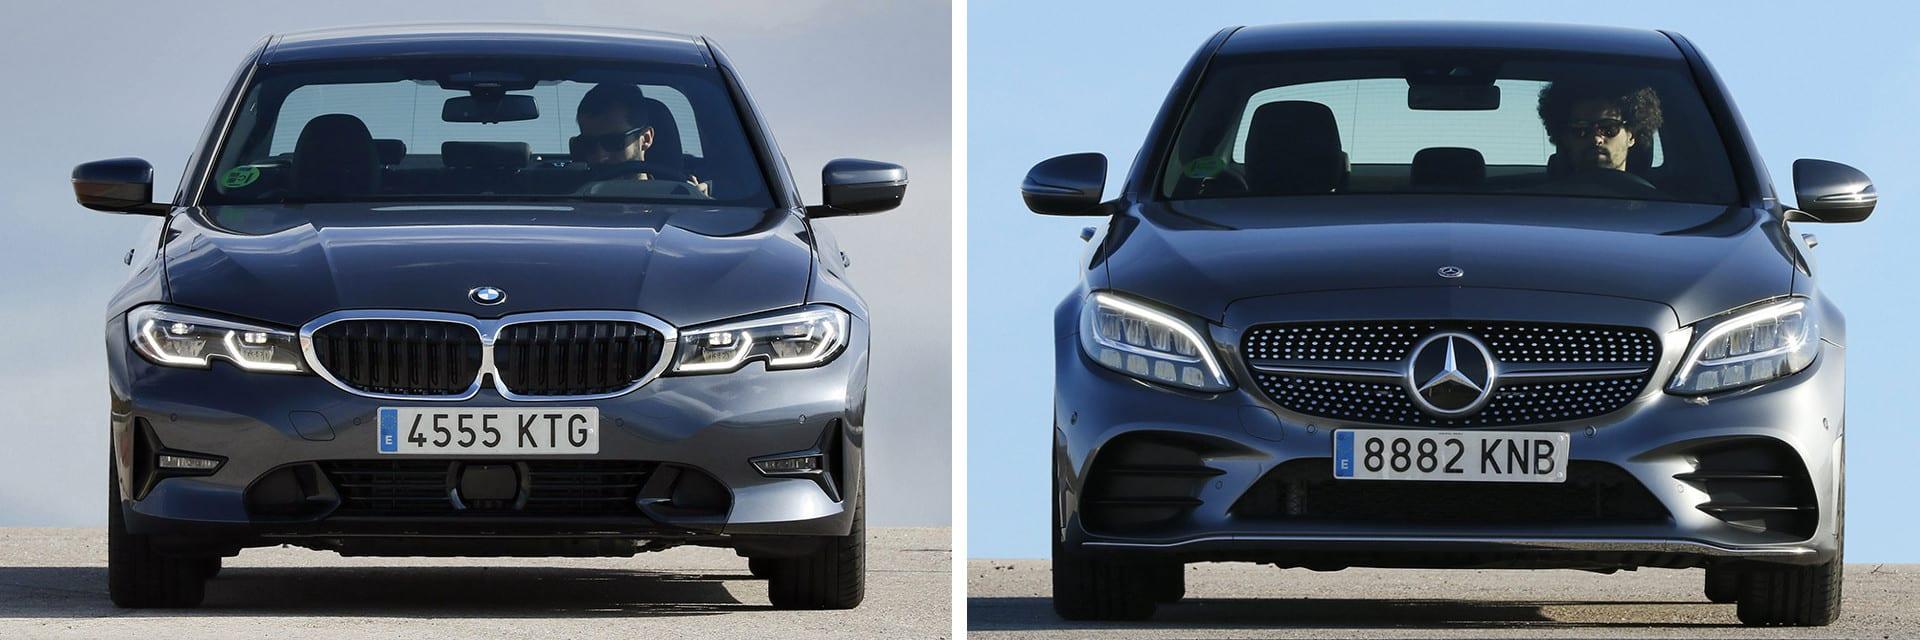 El BMW Serie 3 (izq.) es más ágil que el Clase C (dcha.) y además cuenta con una peor insonorización.